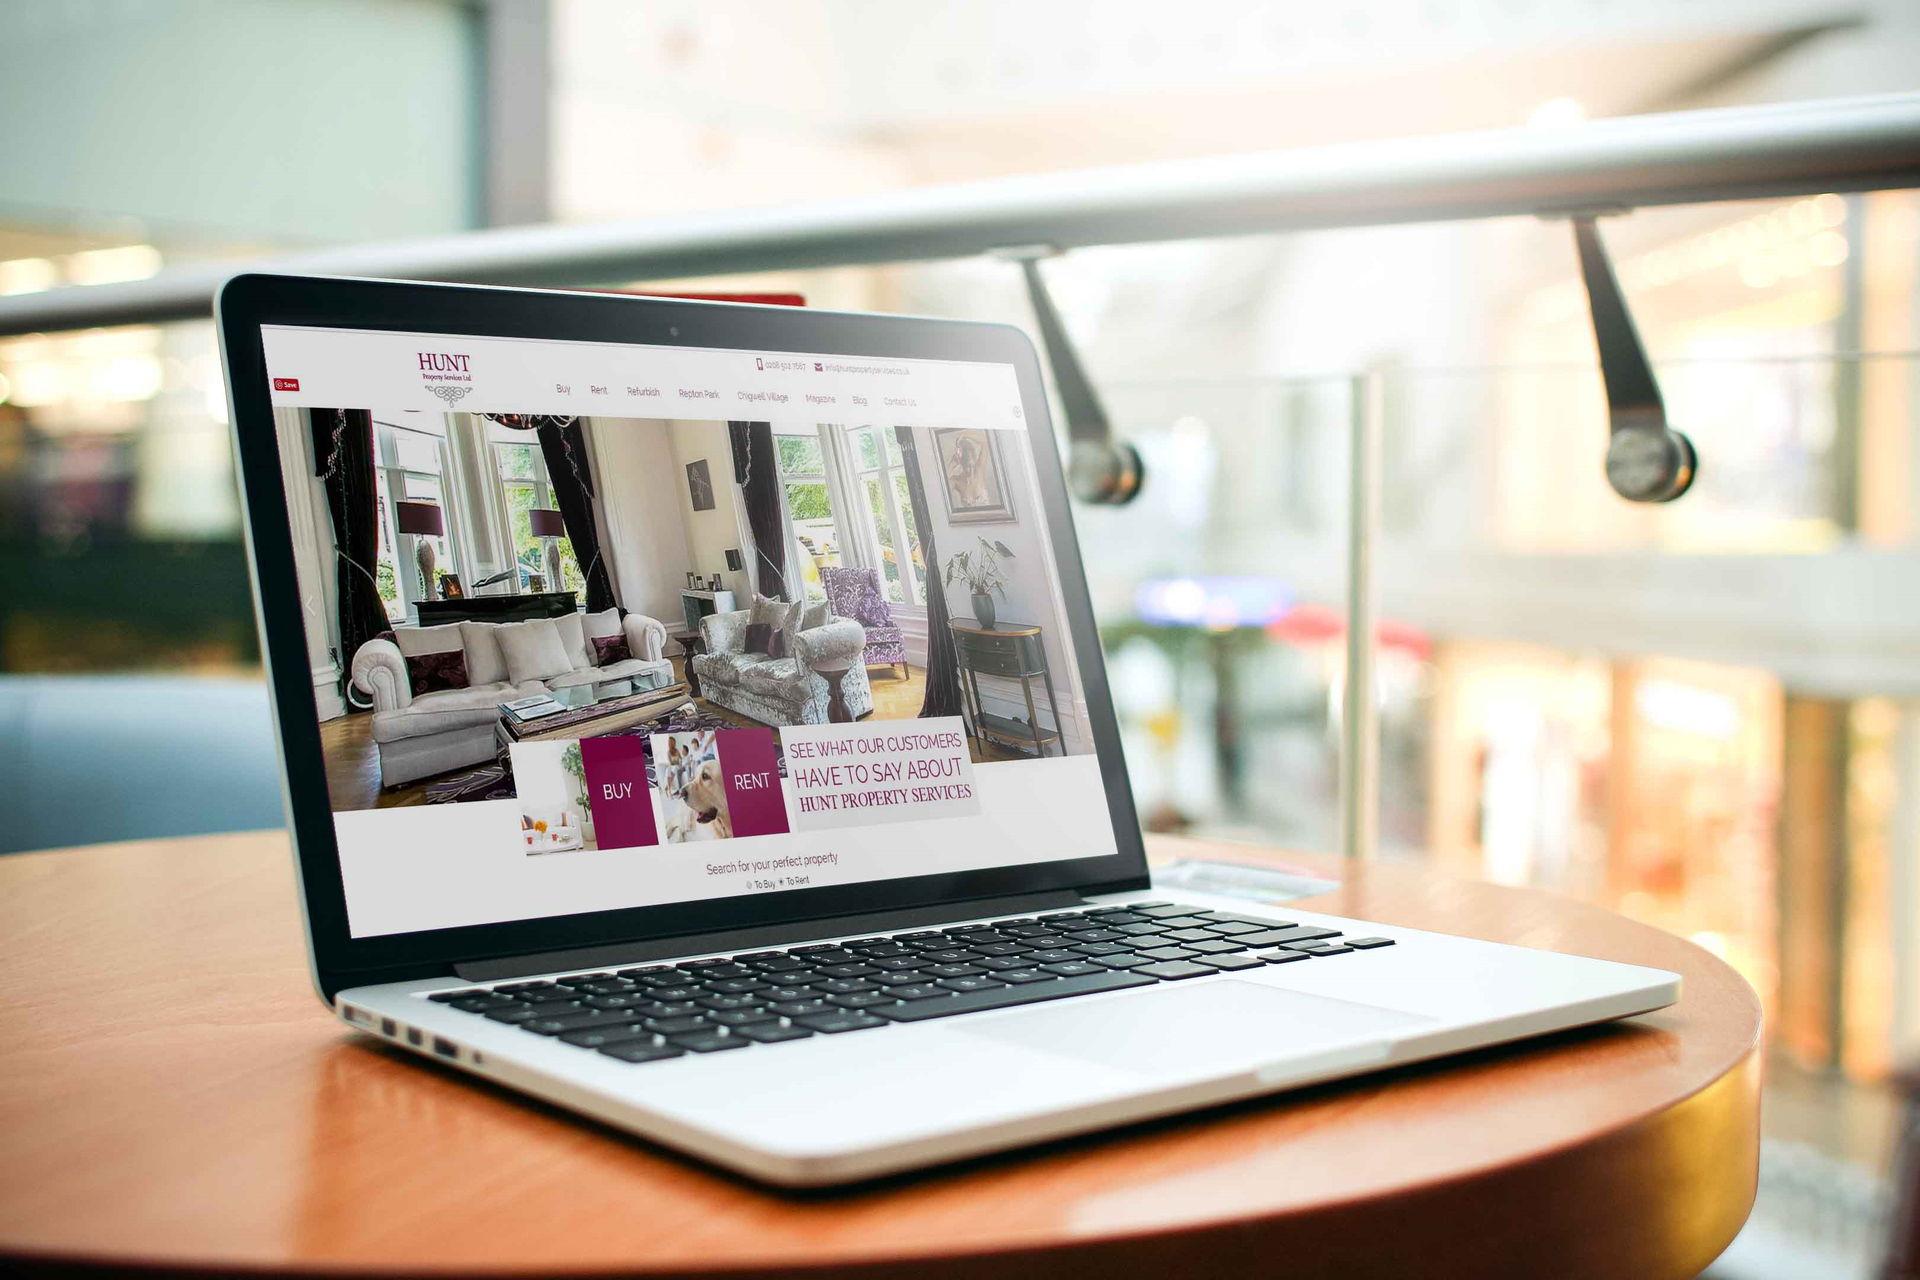 HOT! Cẩm nang kinh doanh online và bán hàng trên website hiệu quả